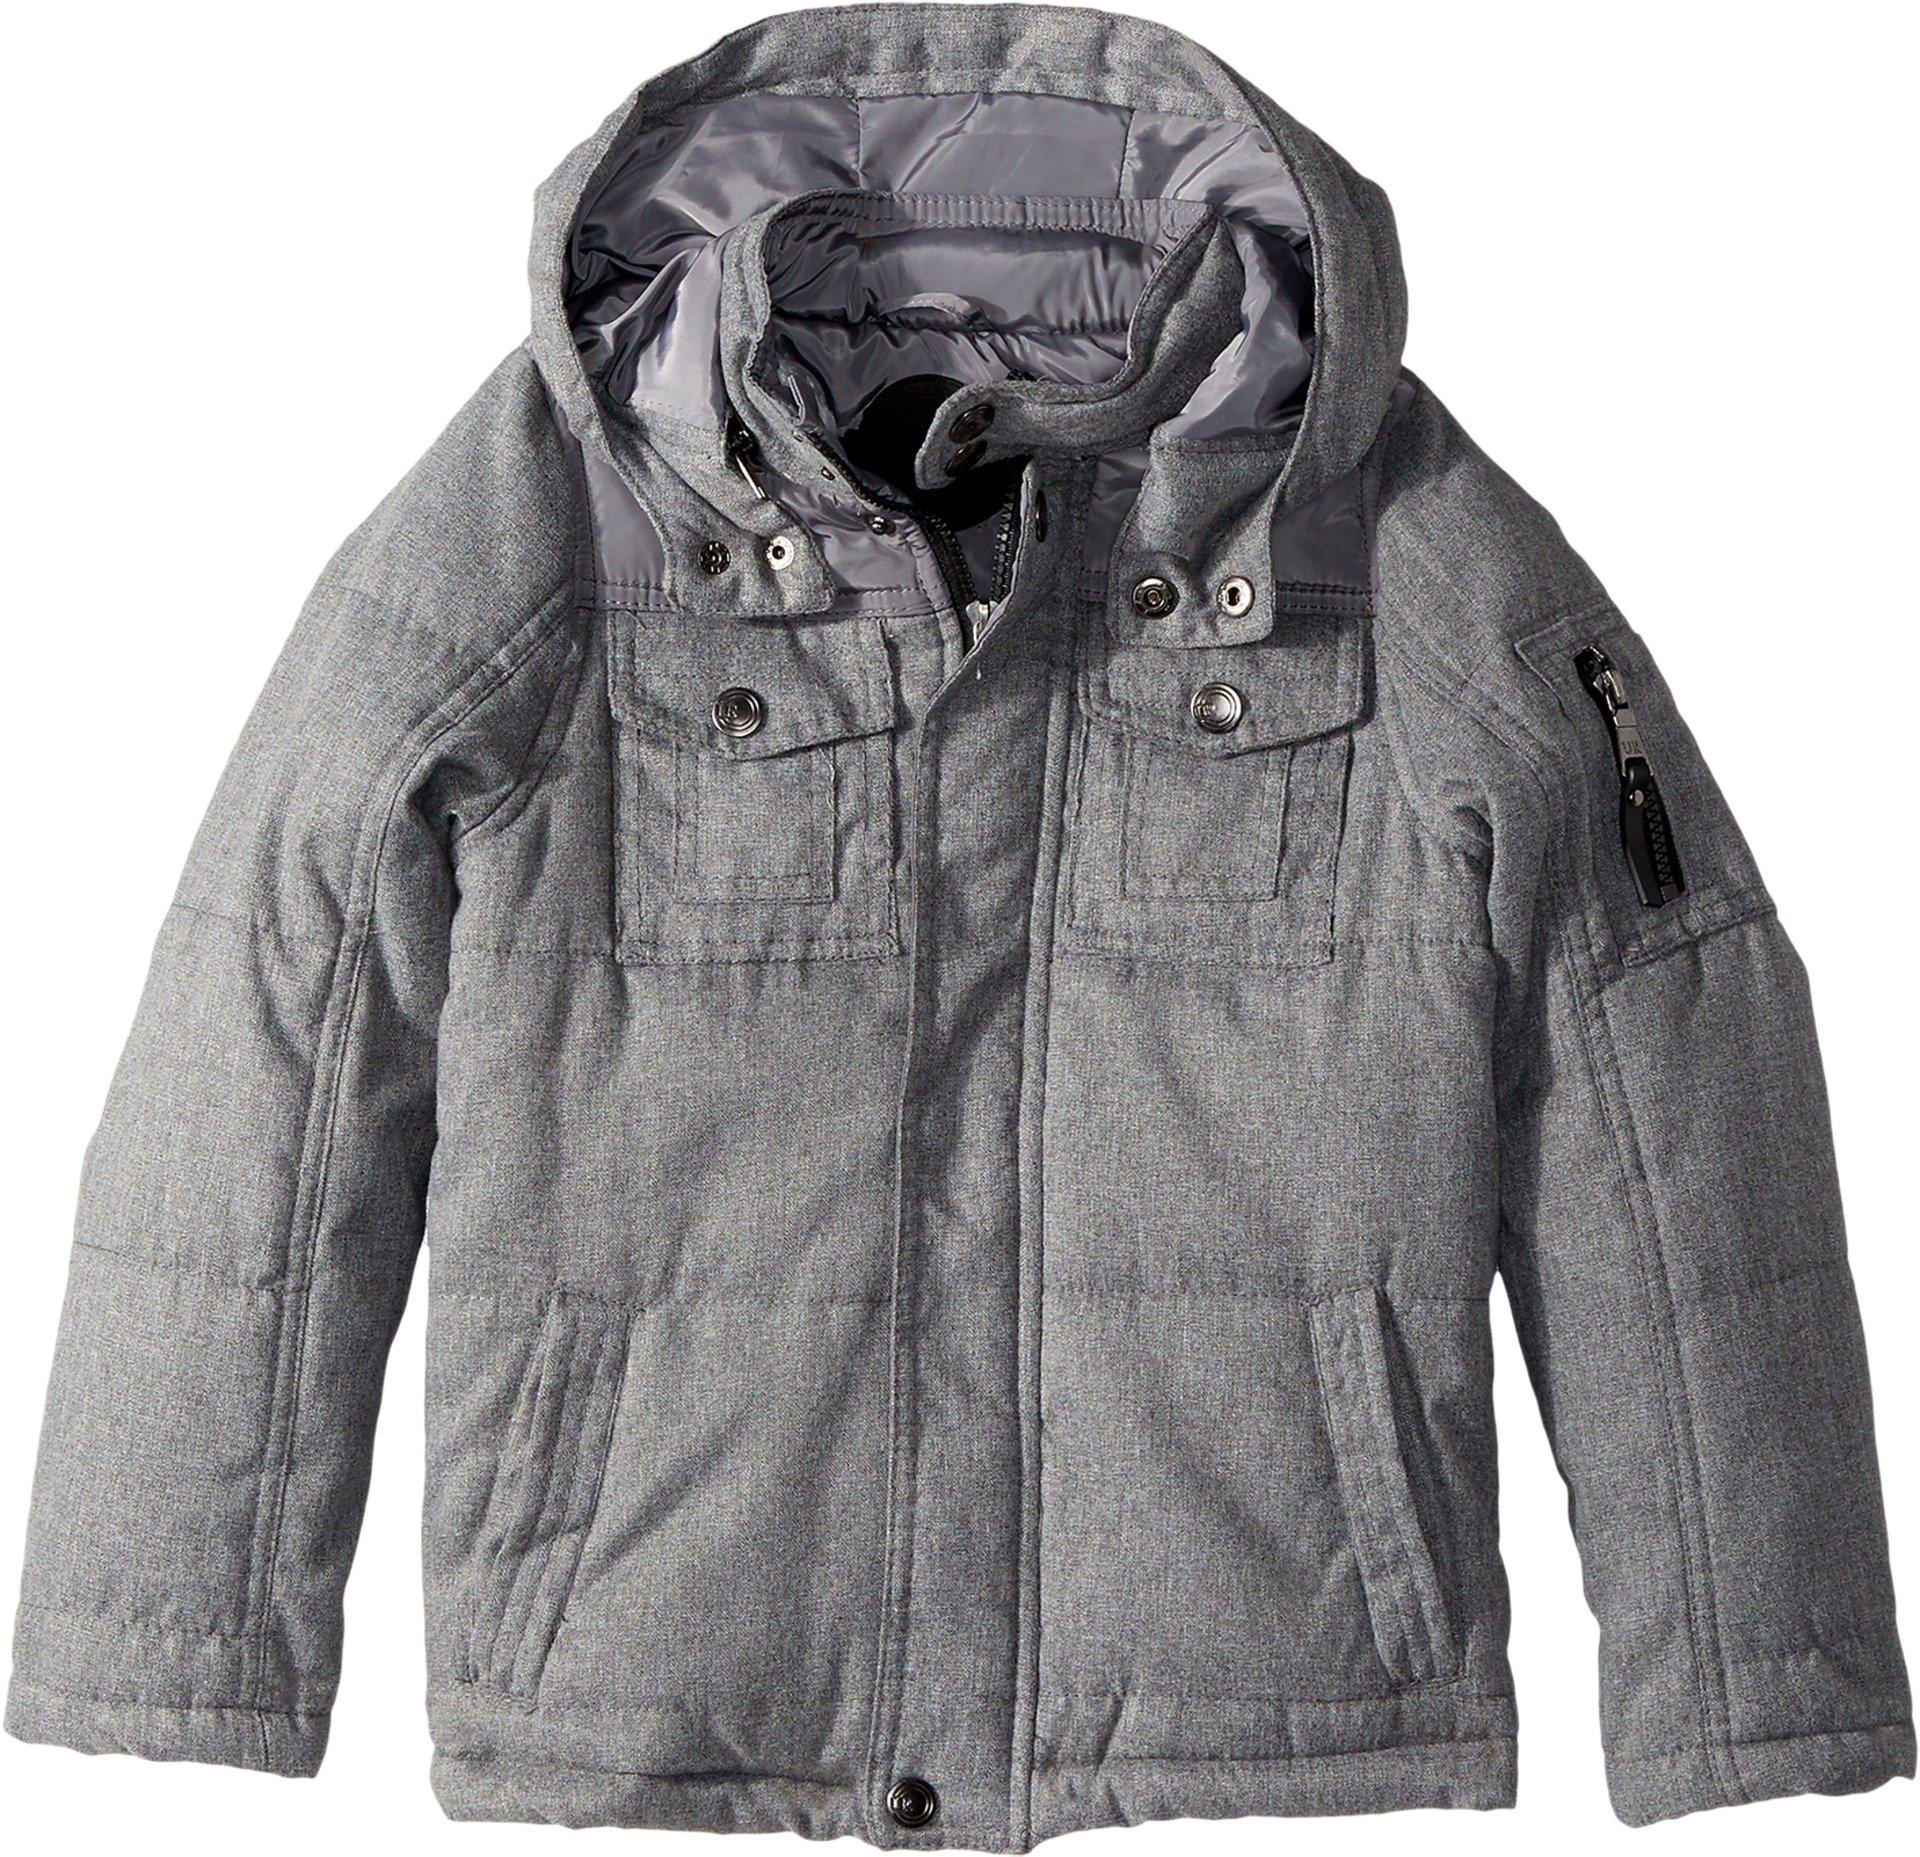 Urban Republic Kids Boy's Wool-Look Jacket (Little Kids/Big Kids) Grey 5-6